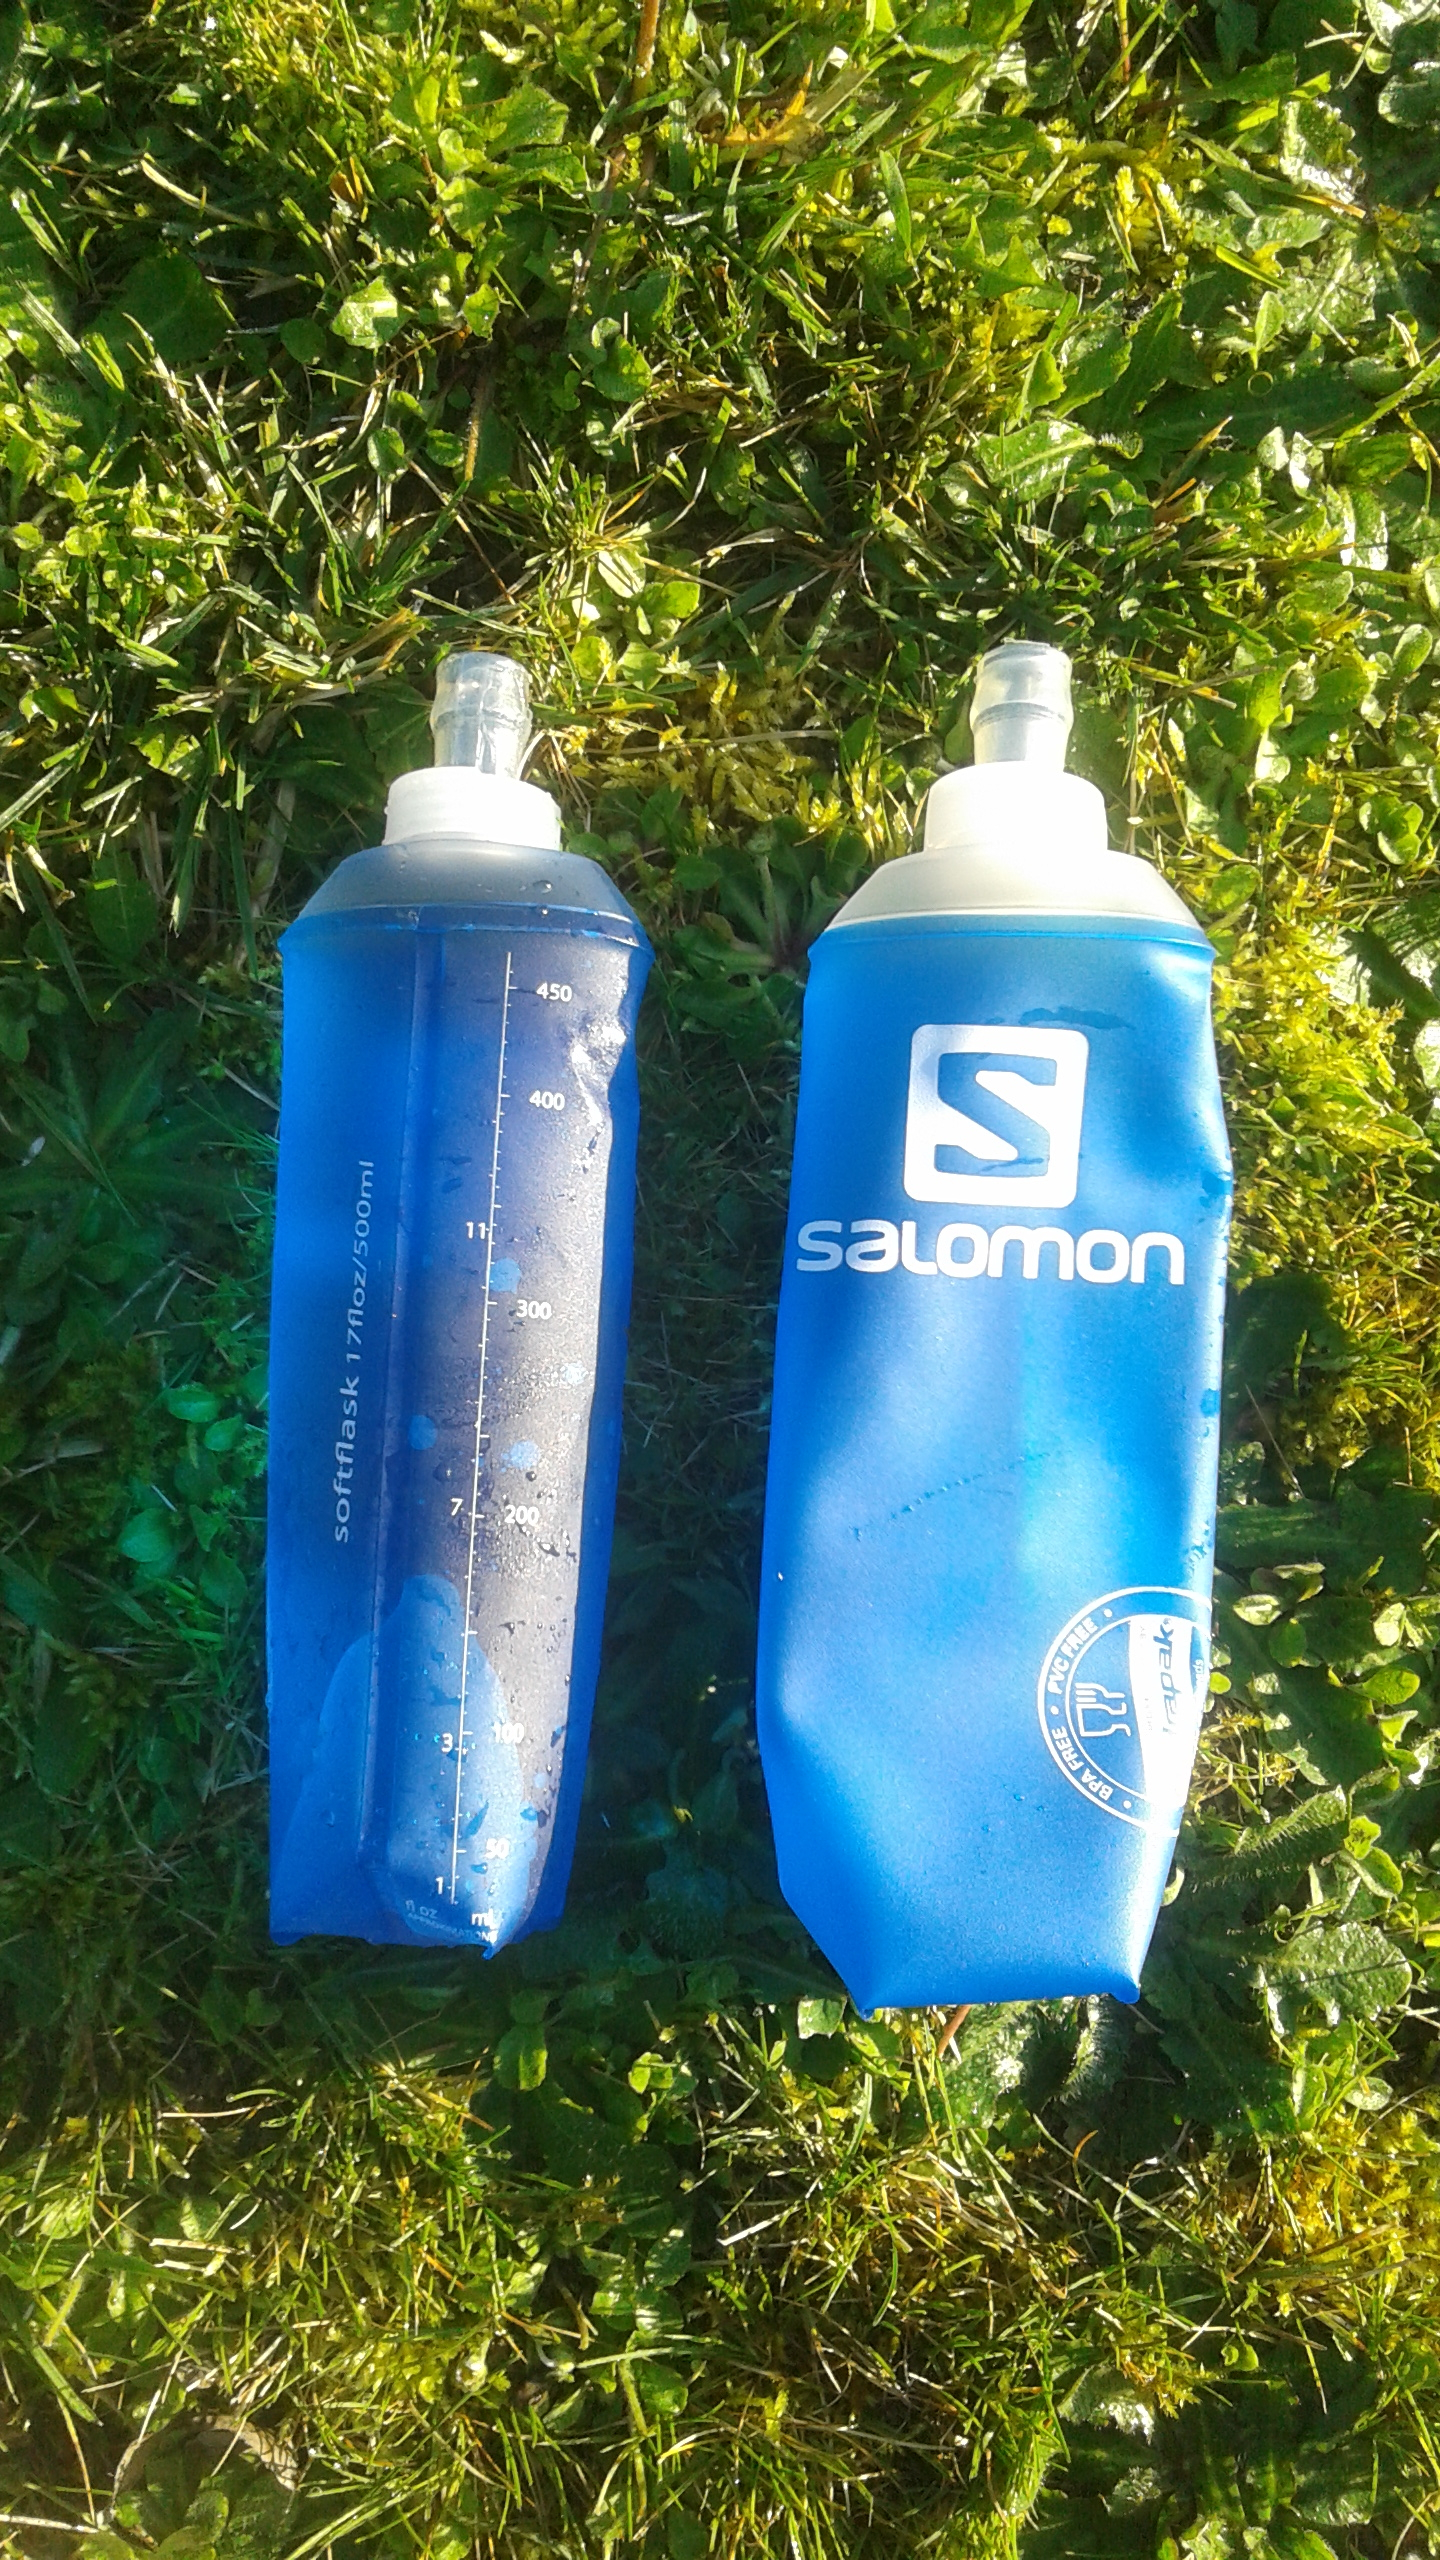 pas mal a24cc 85f44 TEST SOFT FLASK 500mL/16oz SALOMON